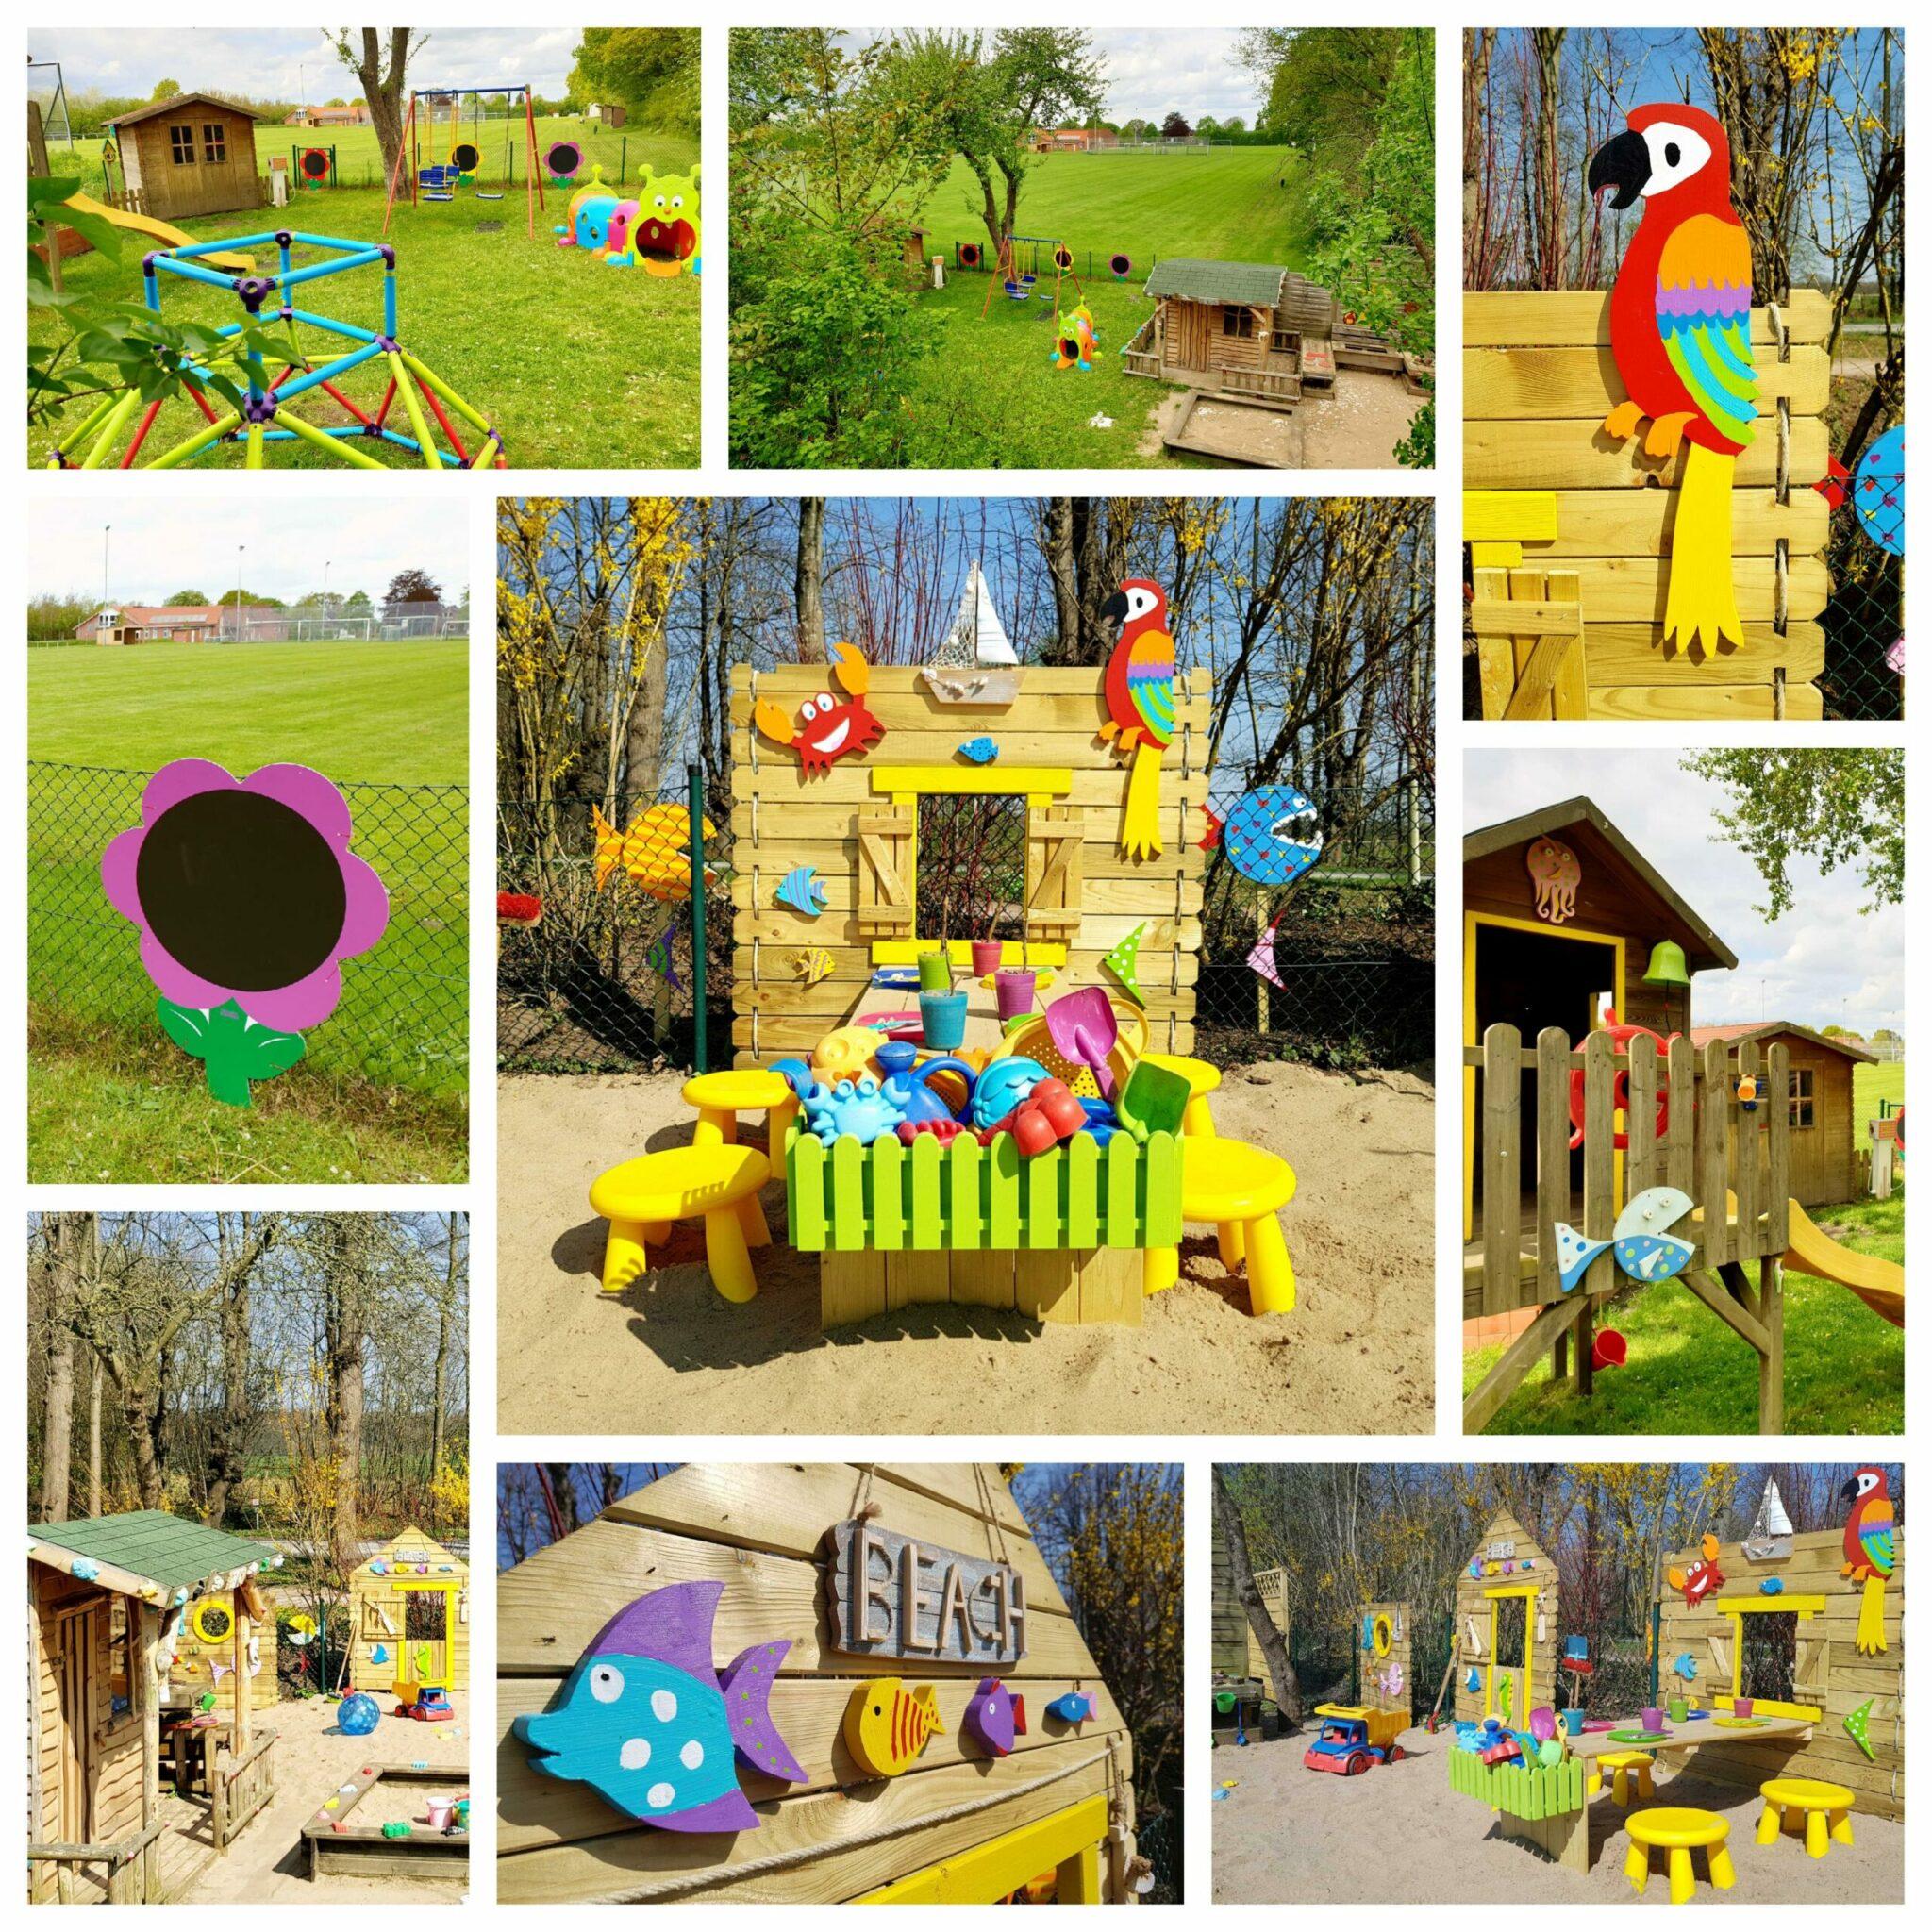 Frühling und Sommer im Kita Kid Zone Erlebnisgarten 2021